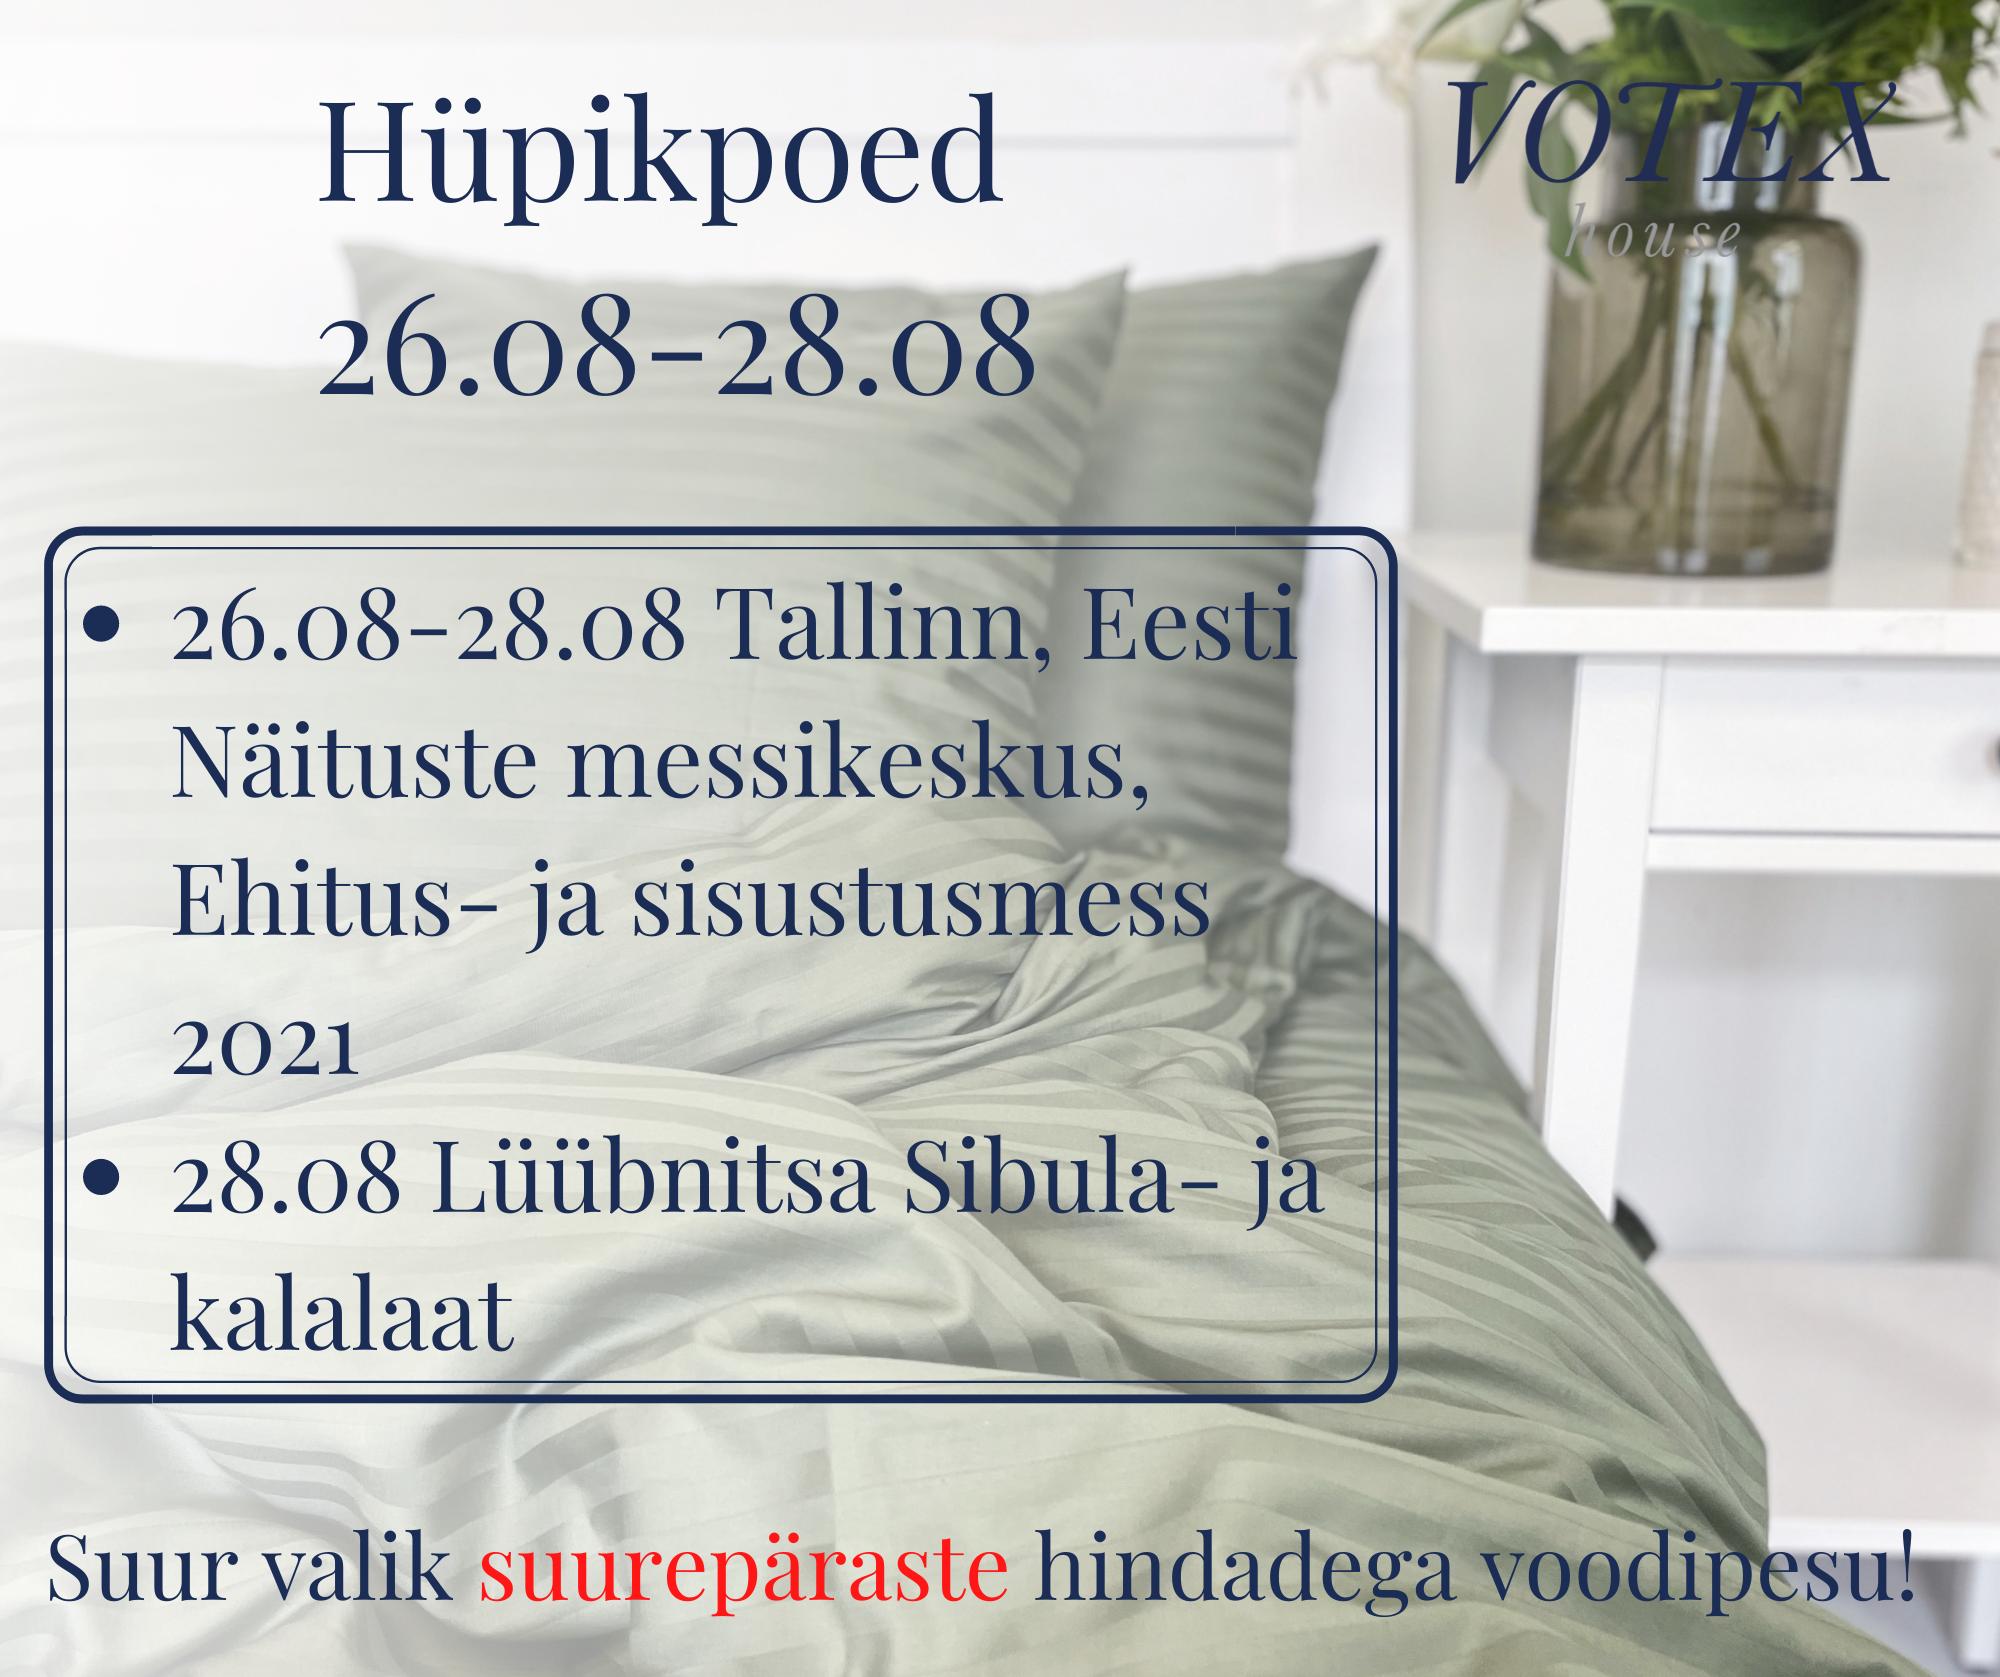 Hüpikpoed 26.08-28.08